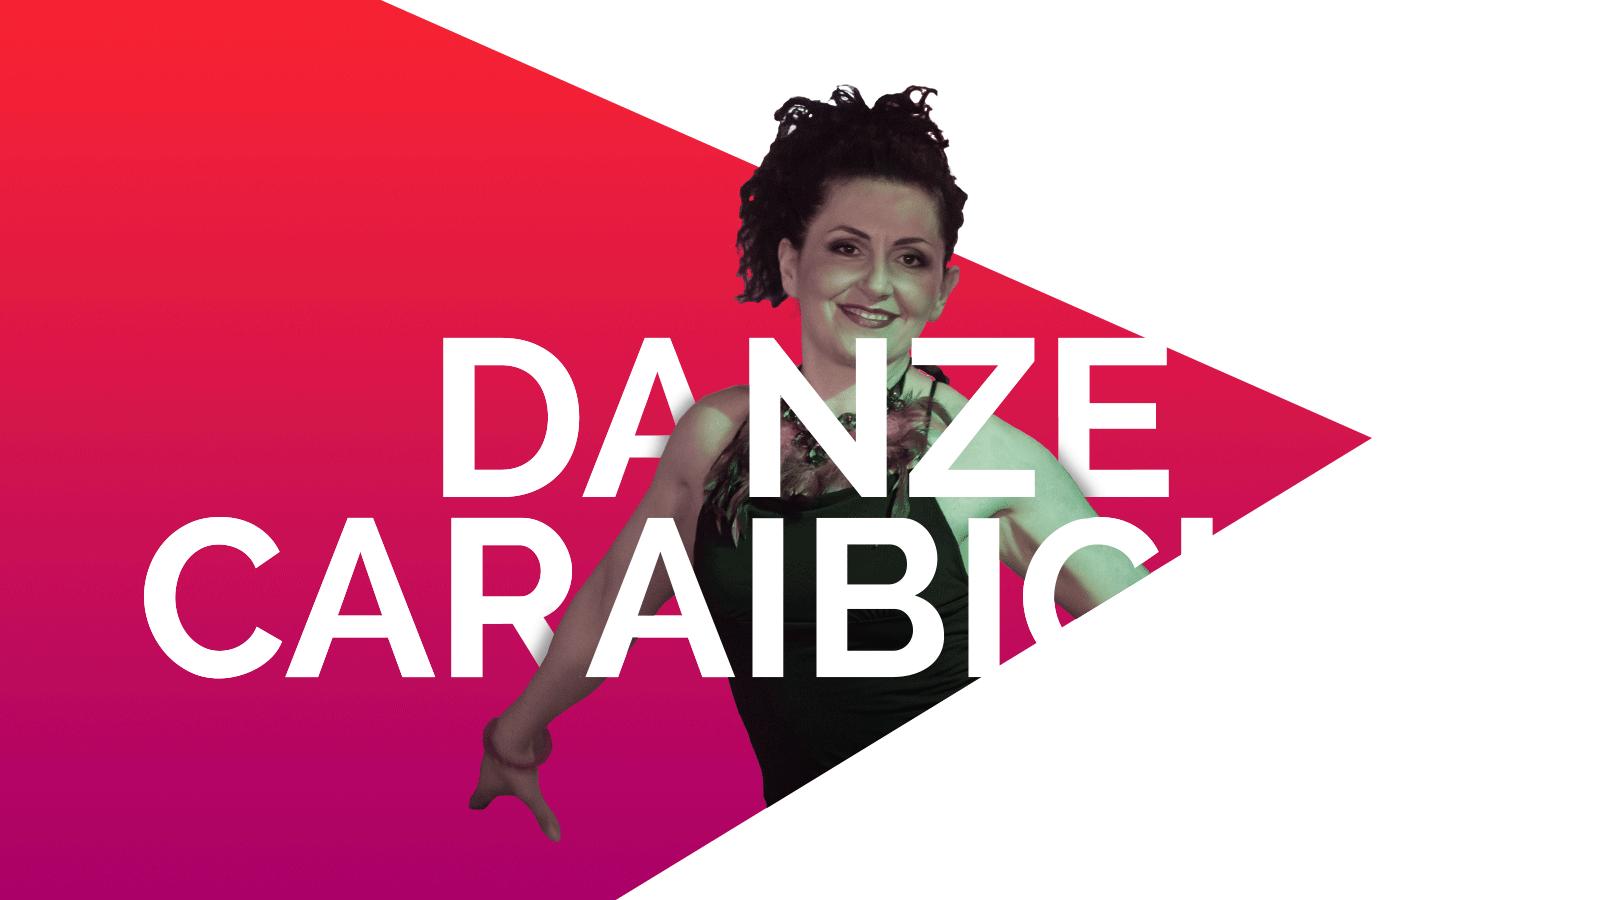 Danze-caraibiche